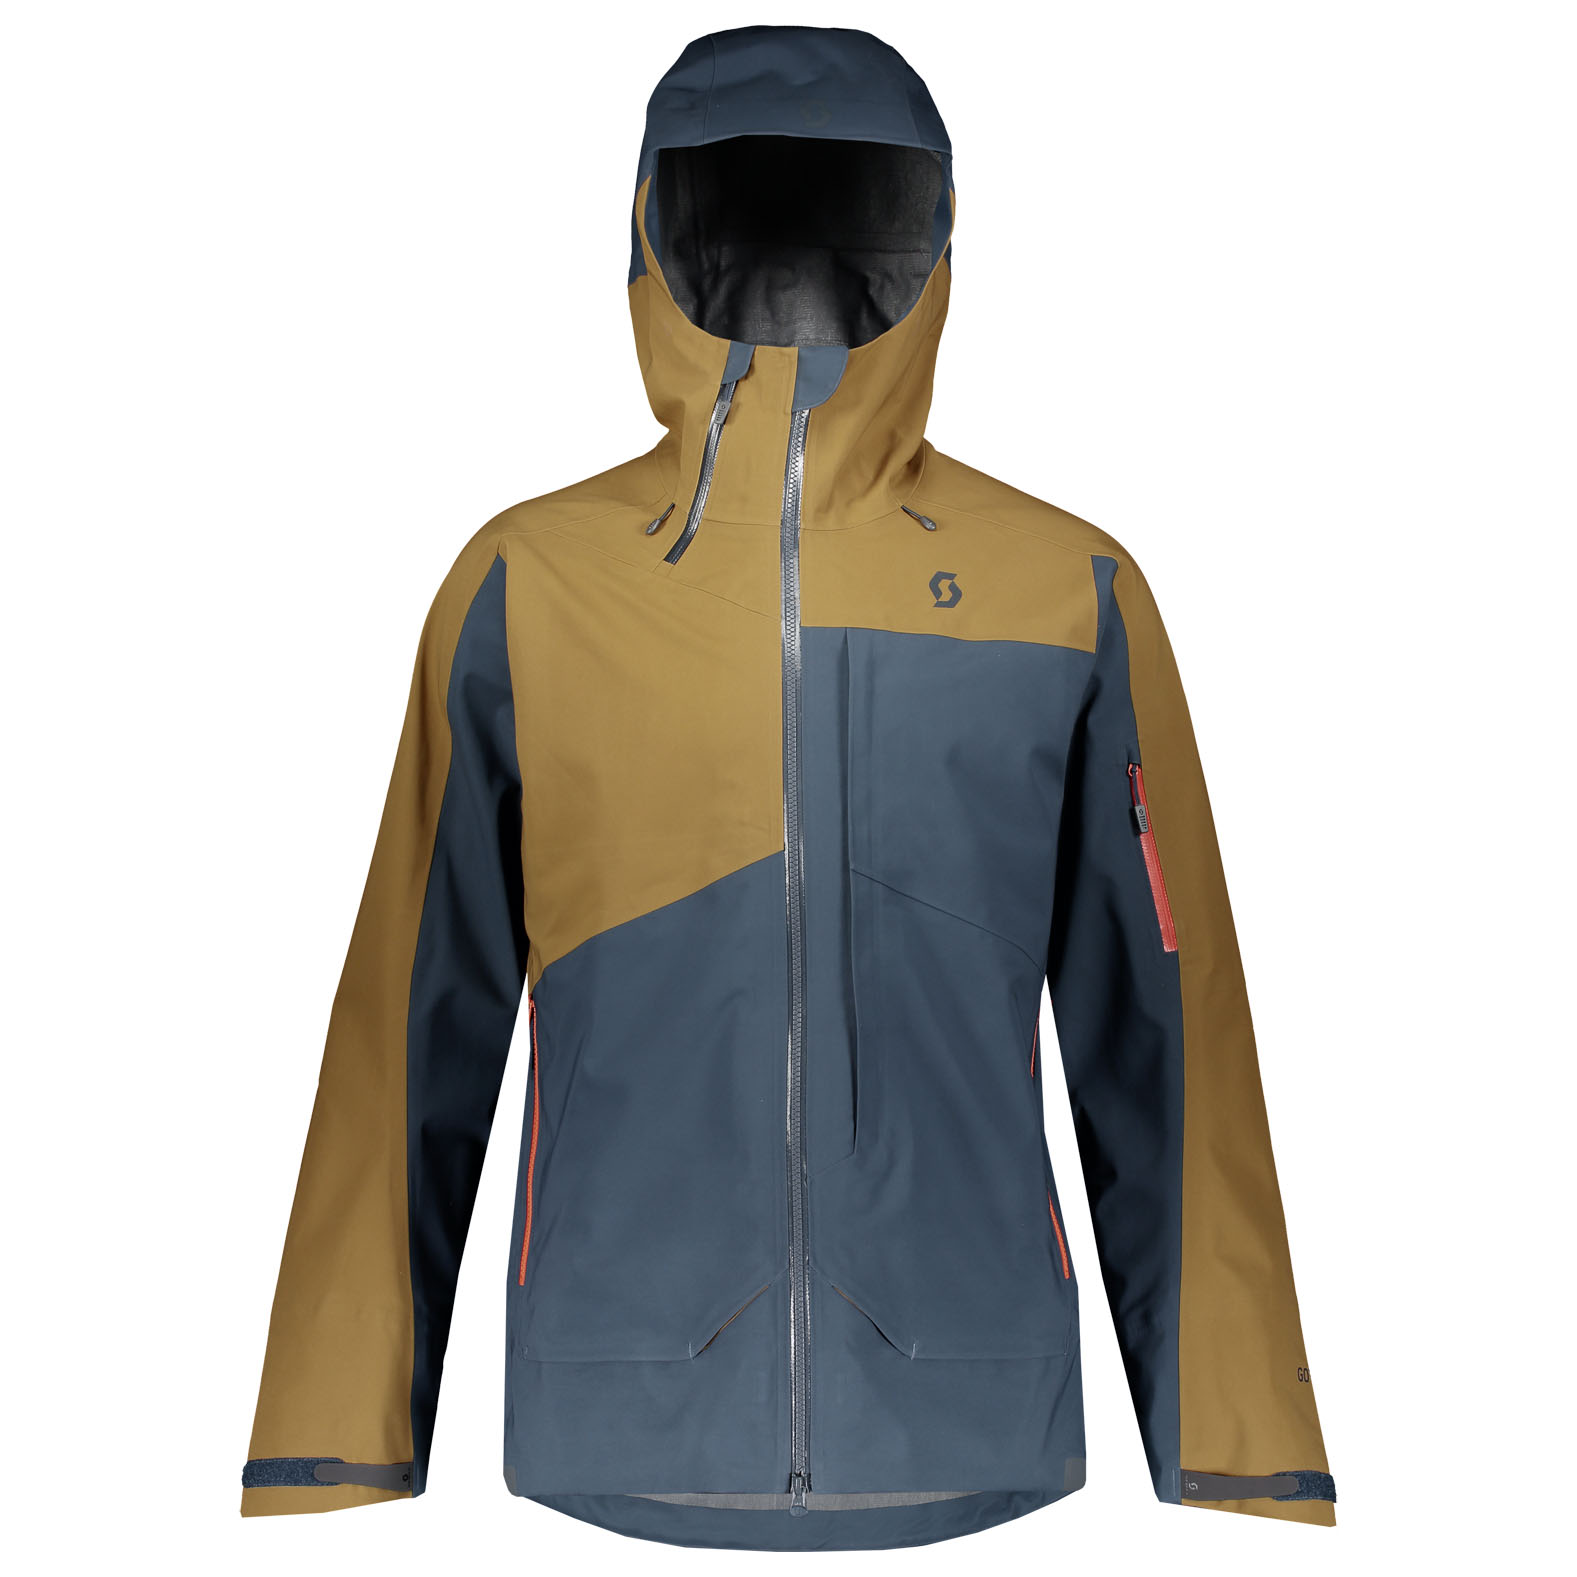 Scott: Vertic GXT 3L Jacket & Pants 18/19